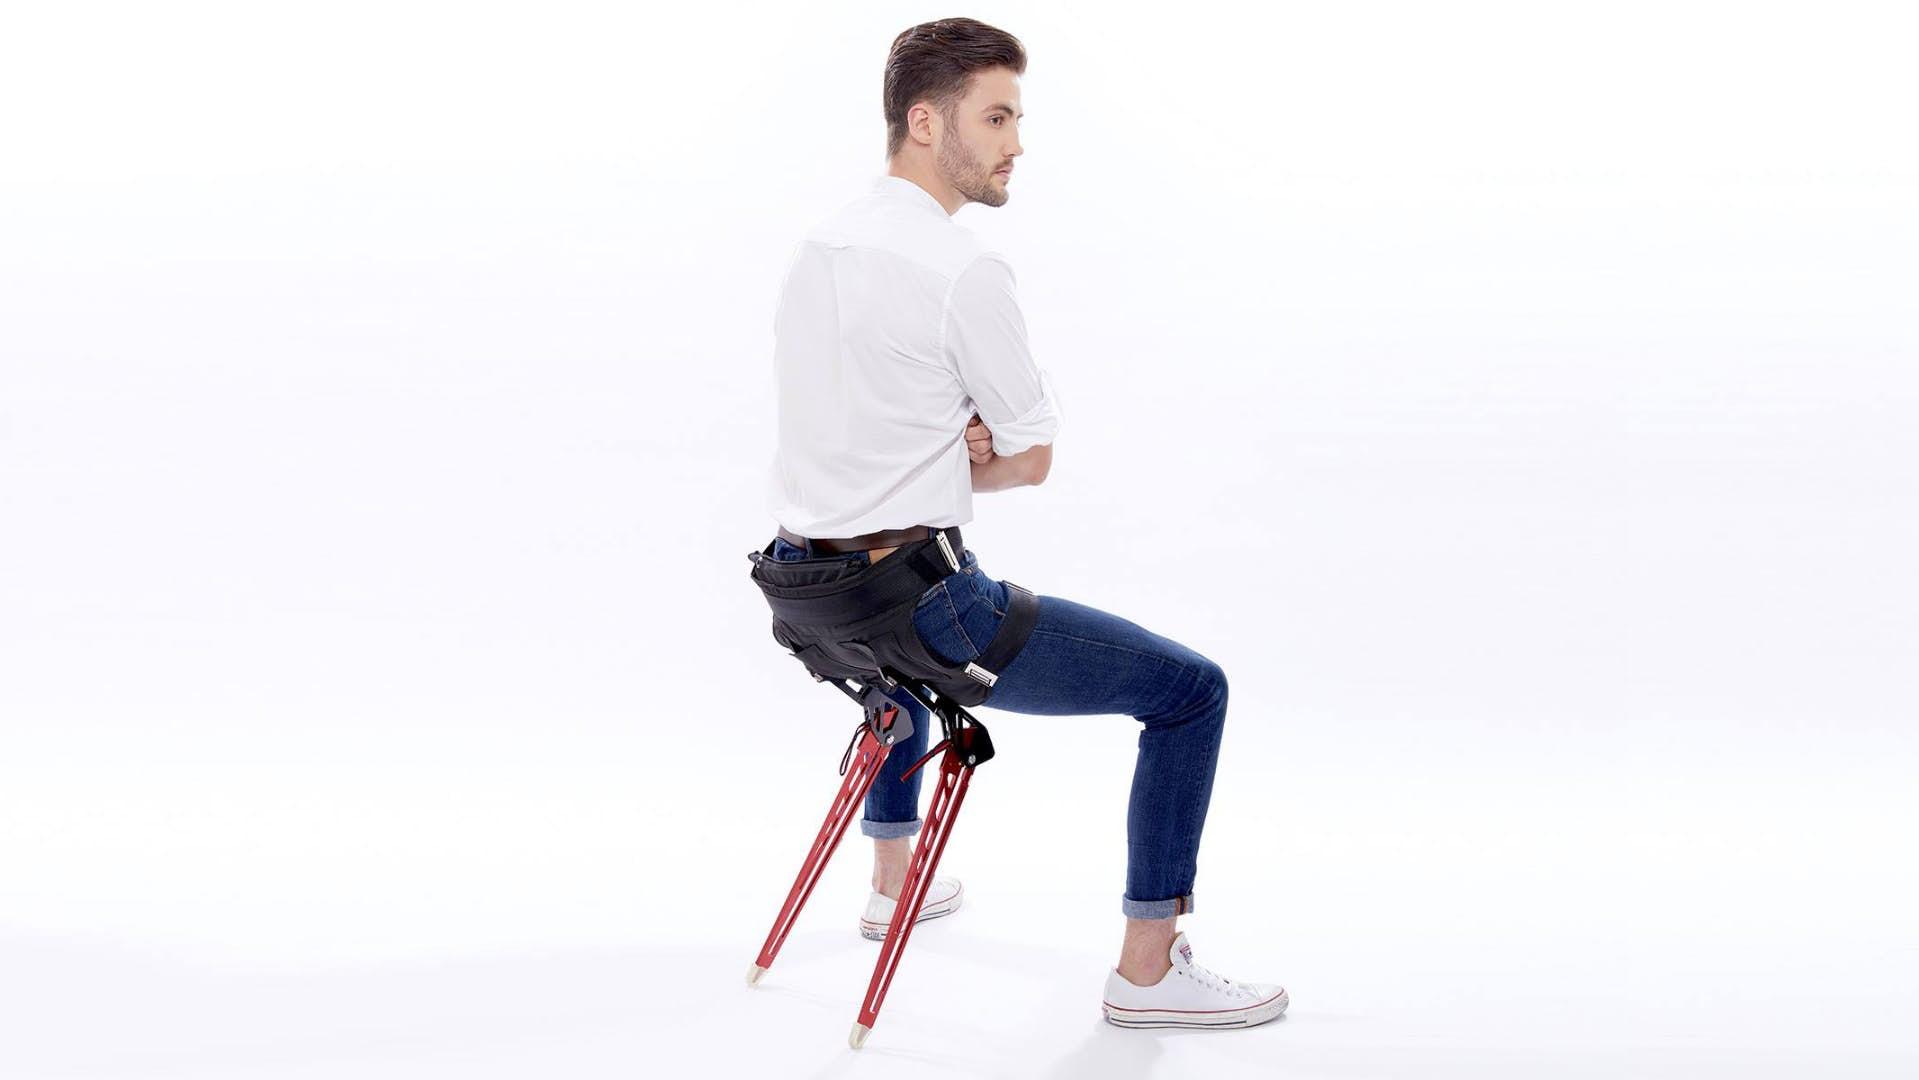 Nếu bạn là một người thích di chuyển thì đây chính là chiếc ghế dành cho bạn